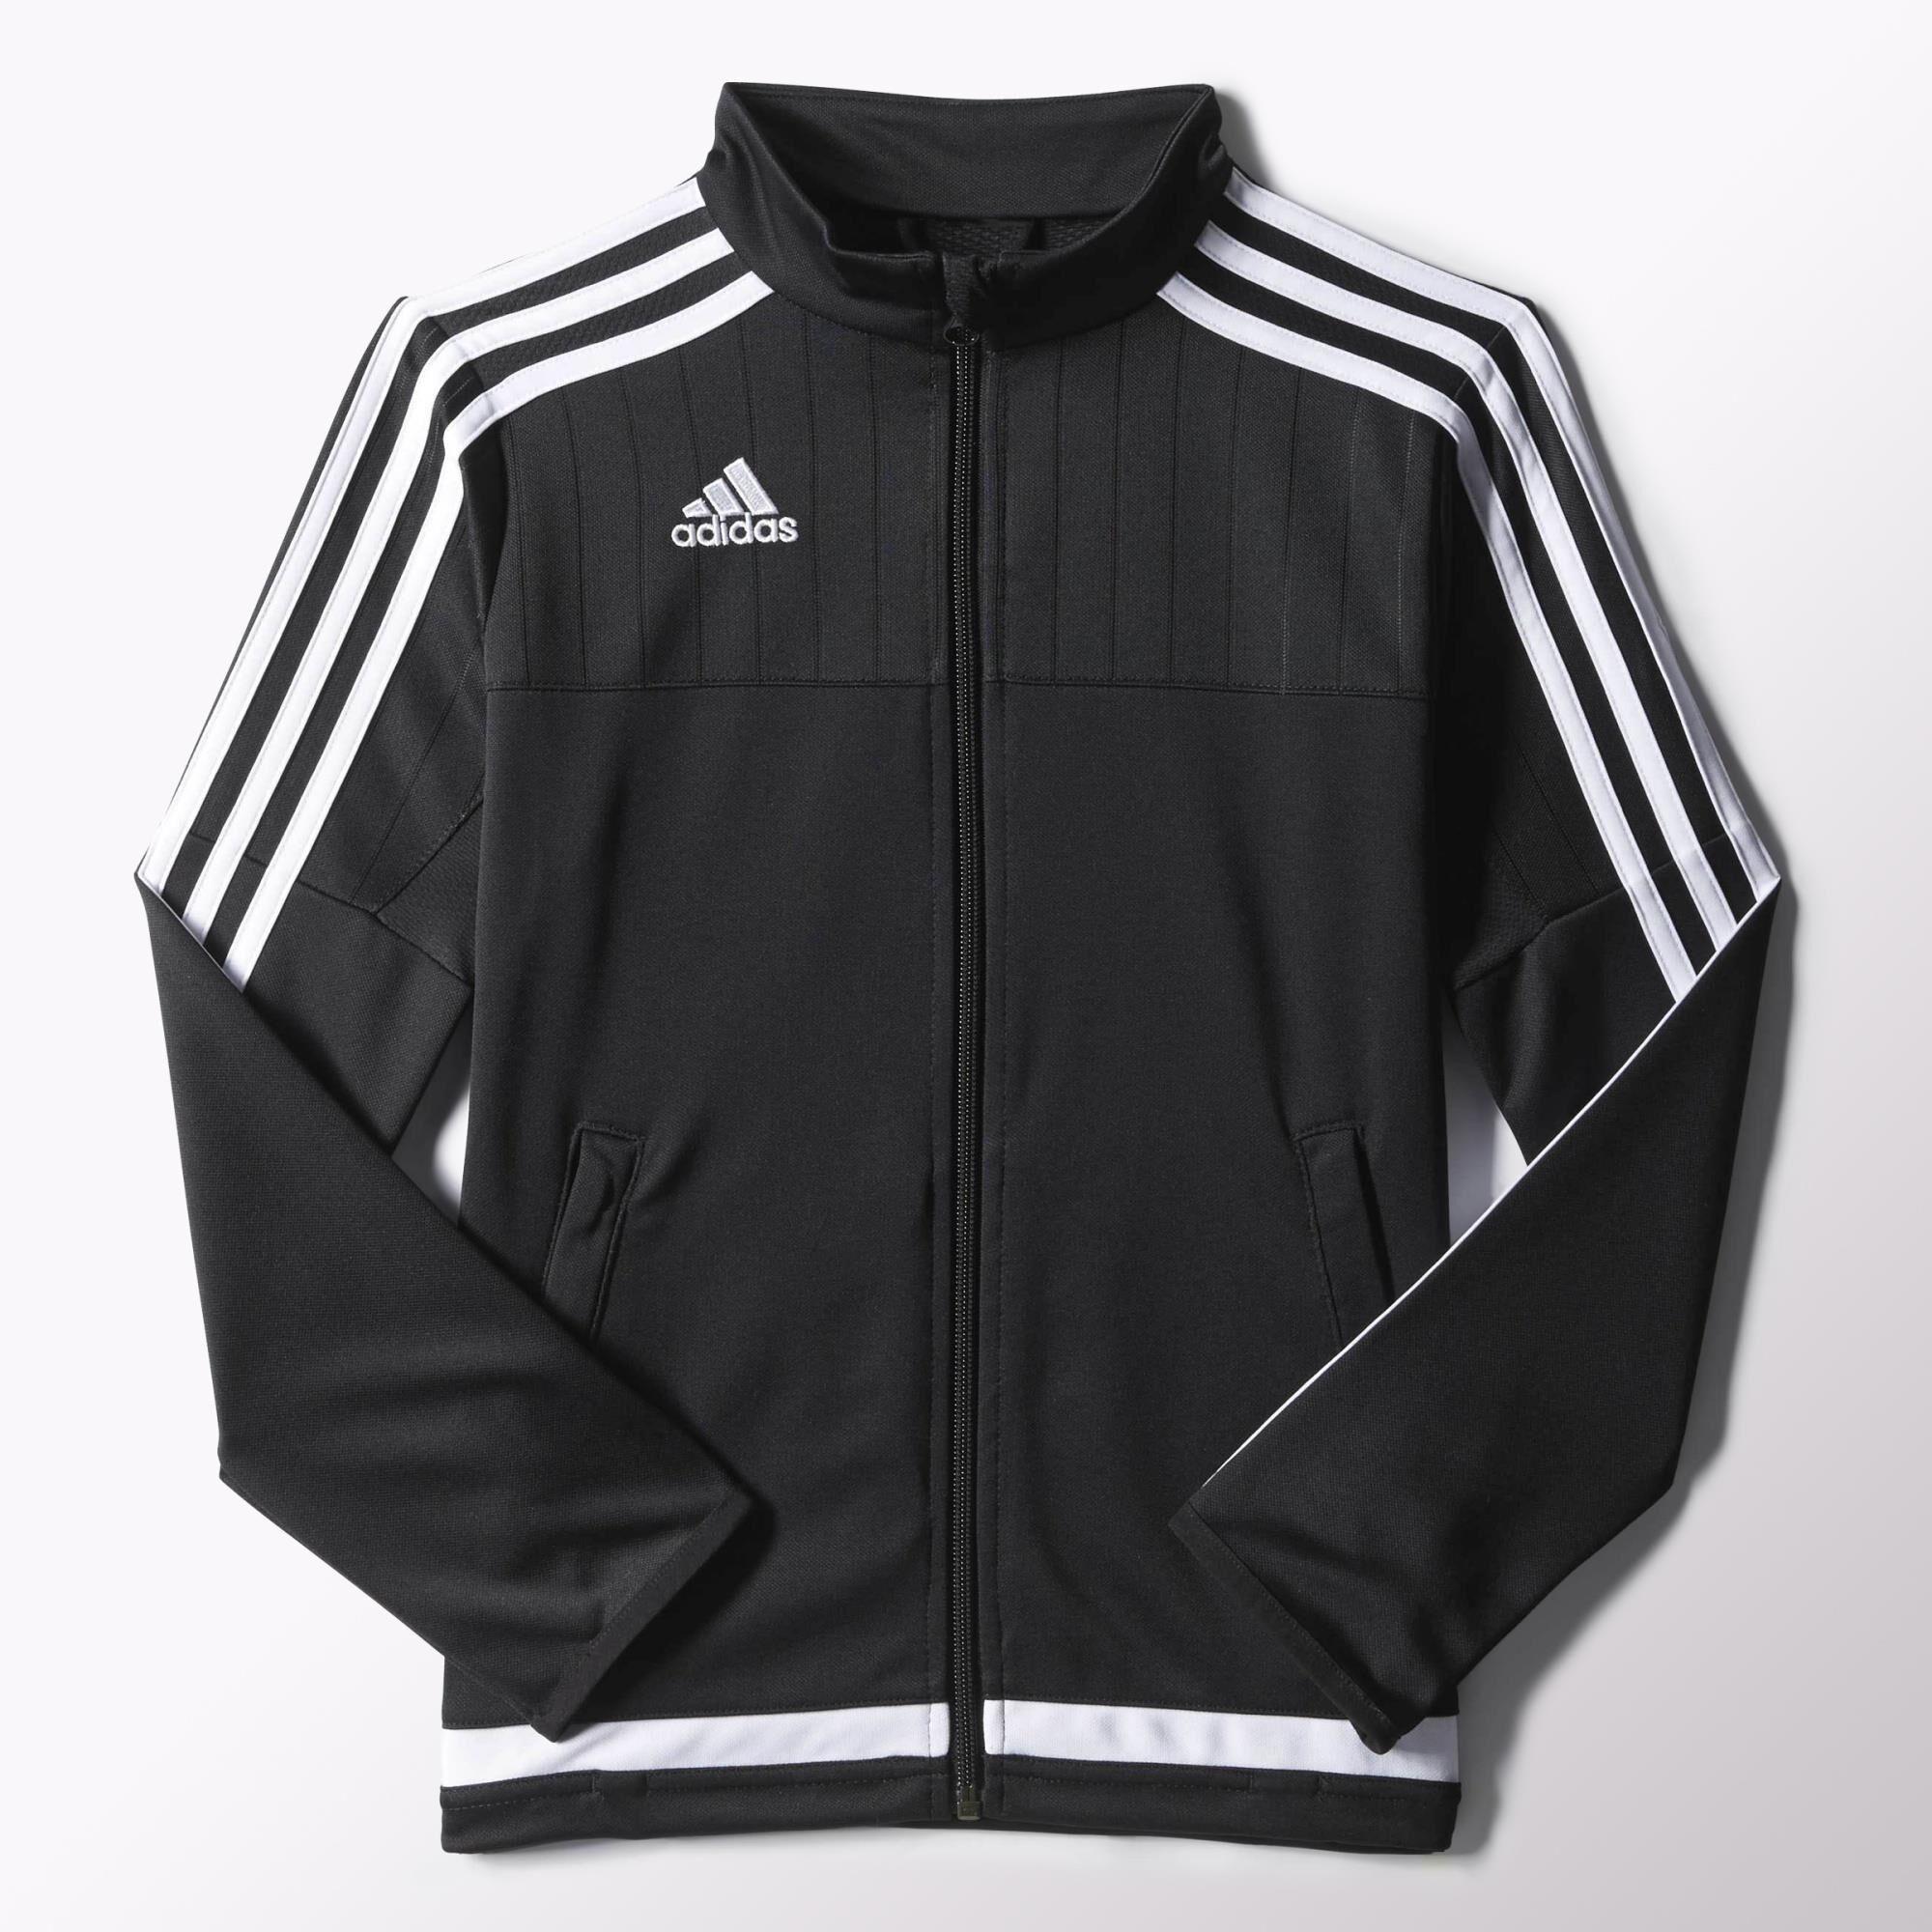 Adidas jacket - Adidas Tiro 15 Training Jacket Black White Black S22330